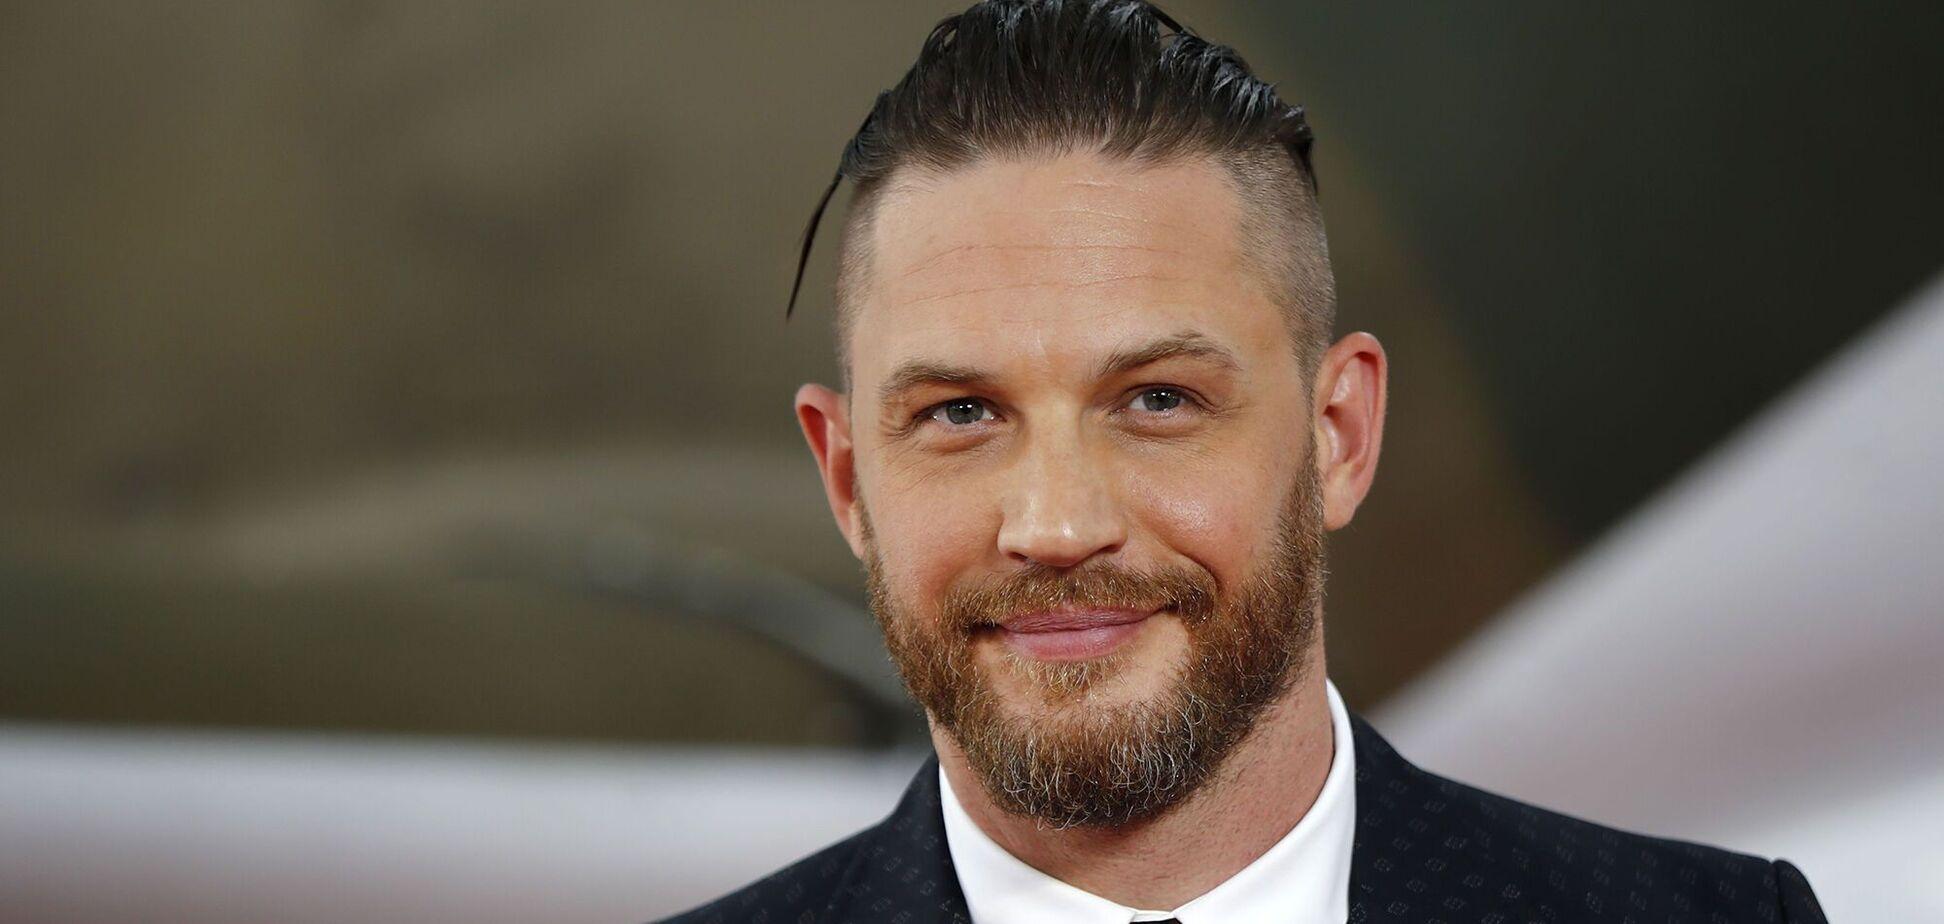 Том Харді може стати новим Джеймсом Бондом